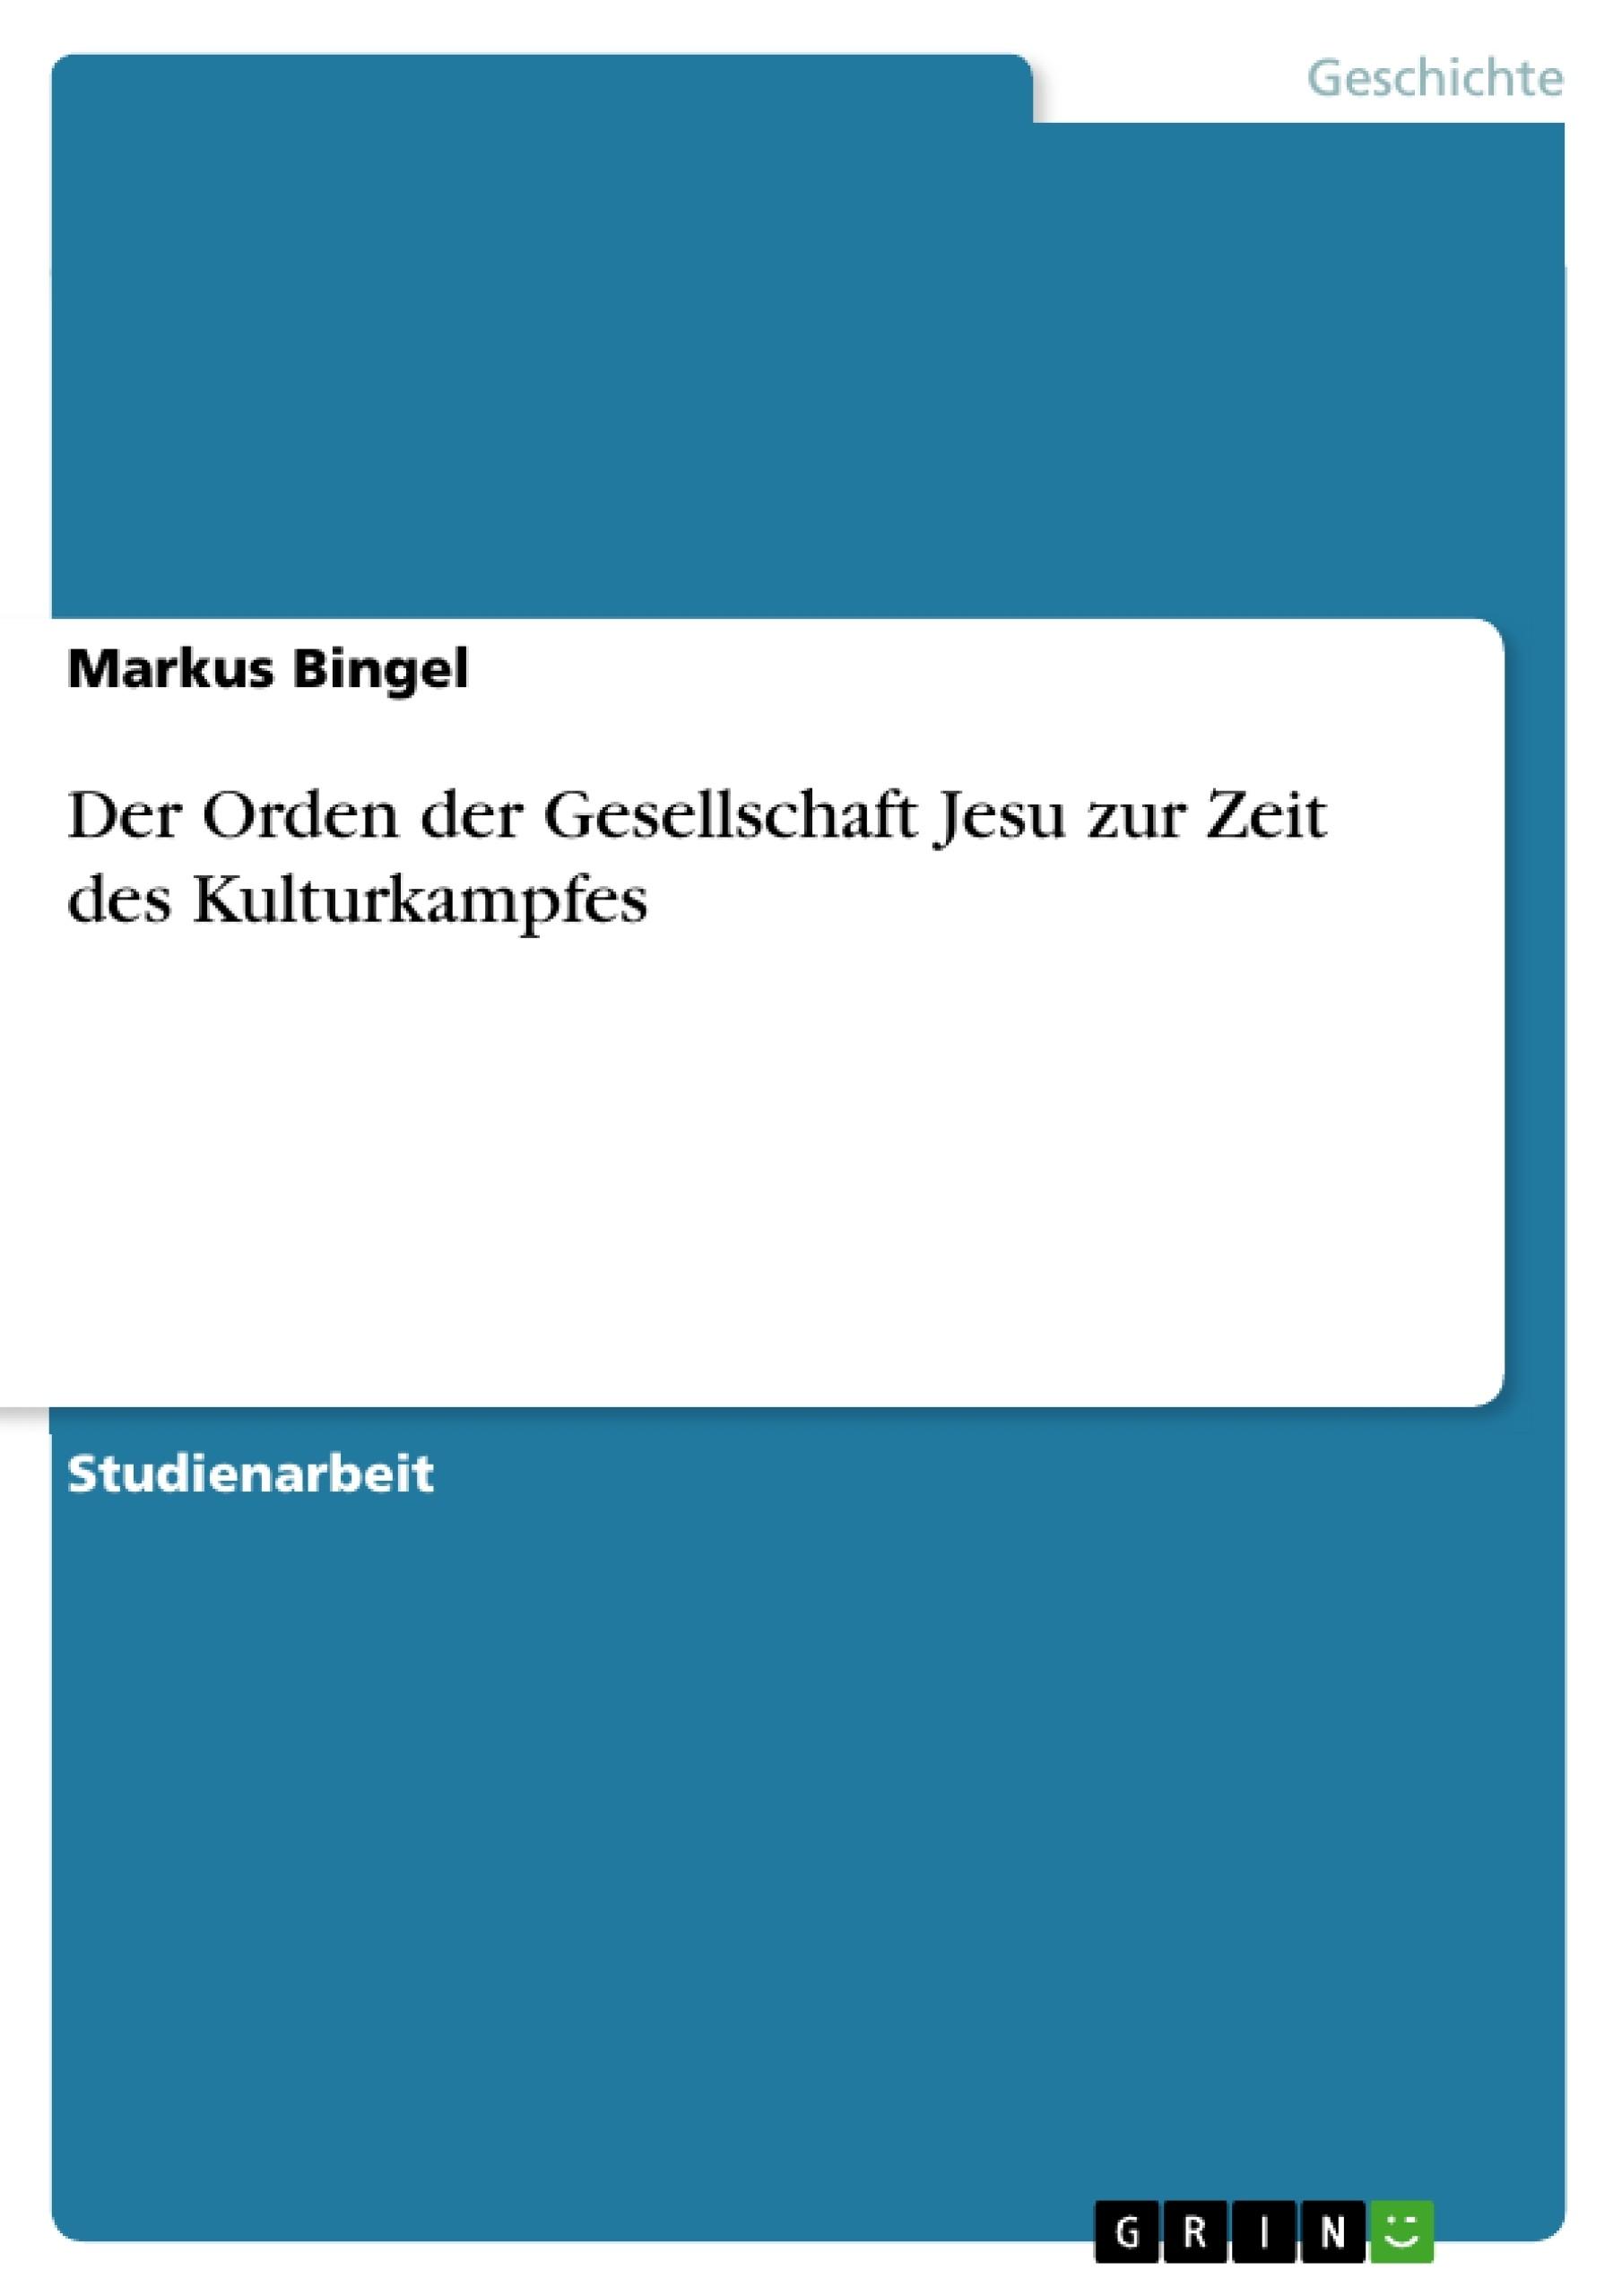 Titel: Der Orden der Gesellschaft Jesu zur Zeit des Kulturkampfes